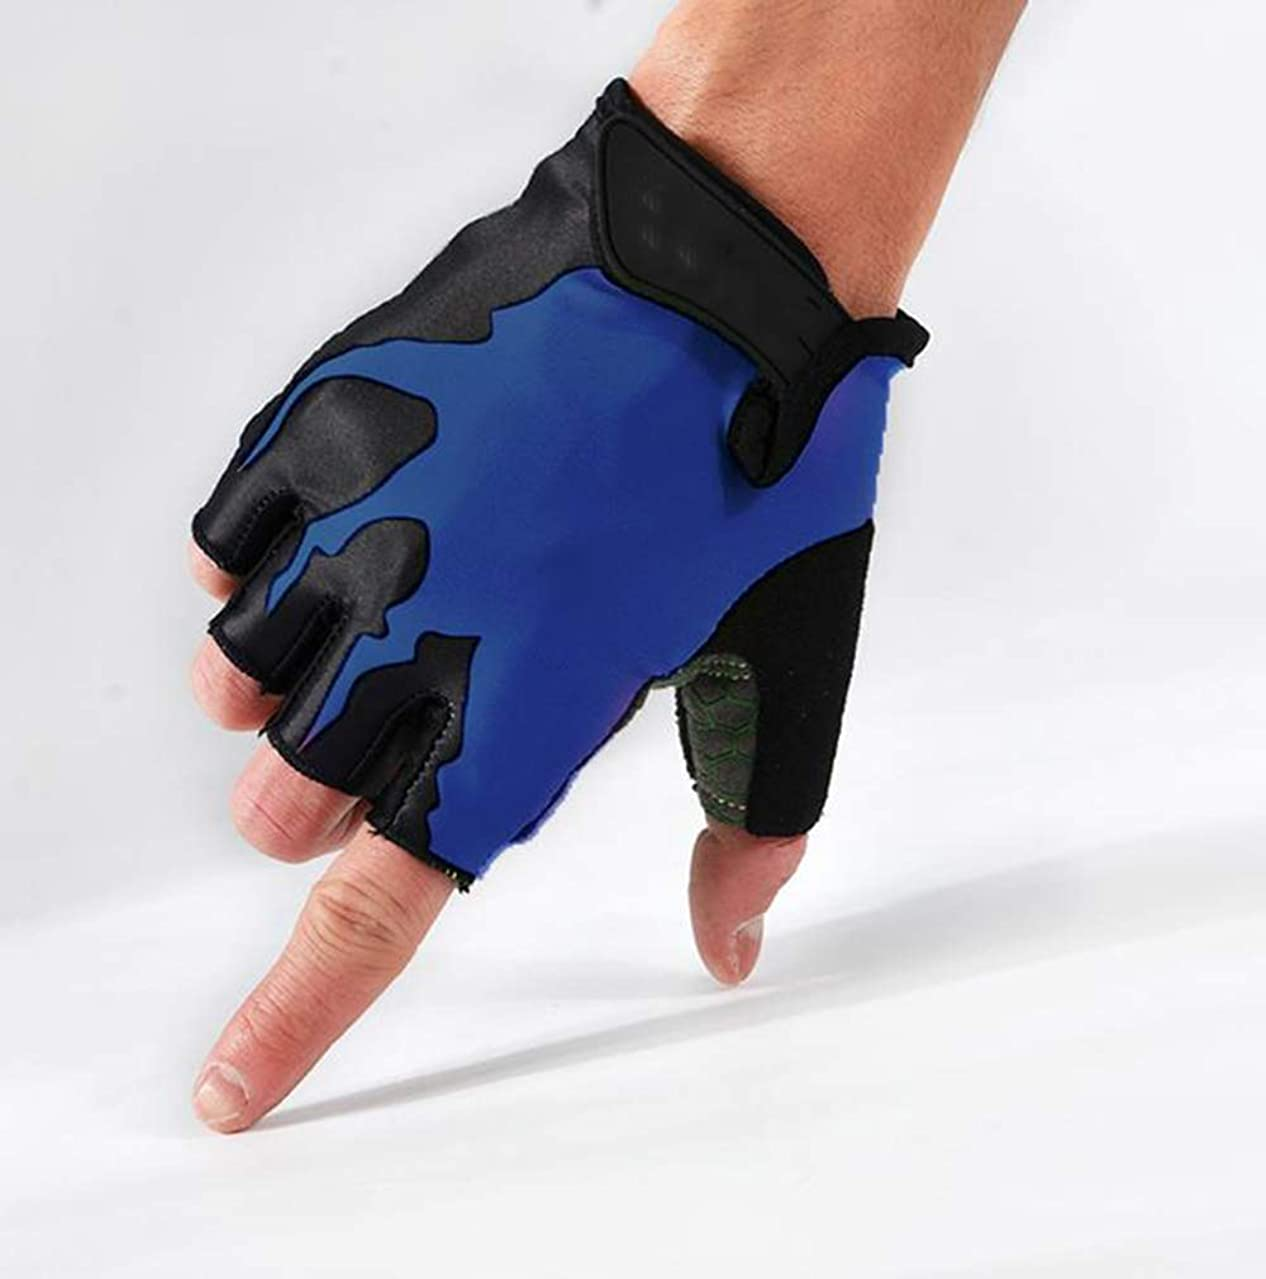 前兆摂氏パレード手袋フィットネス手袋ダンベルトレーニングアウトドアライディング/フィットネス兼用ハーフフィンガーグローブ